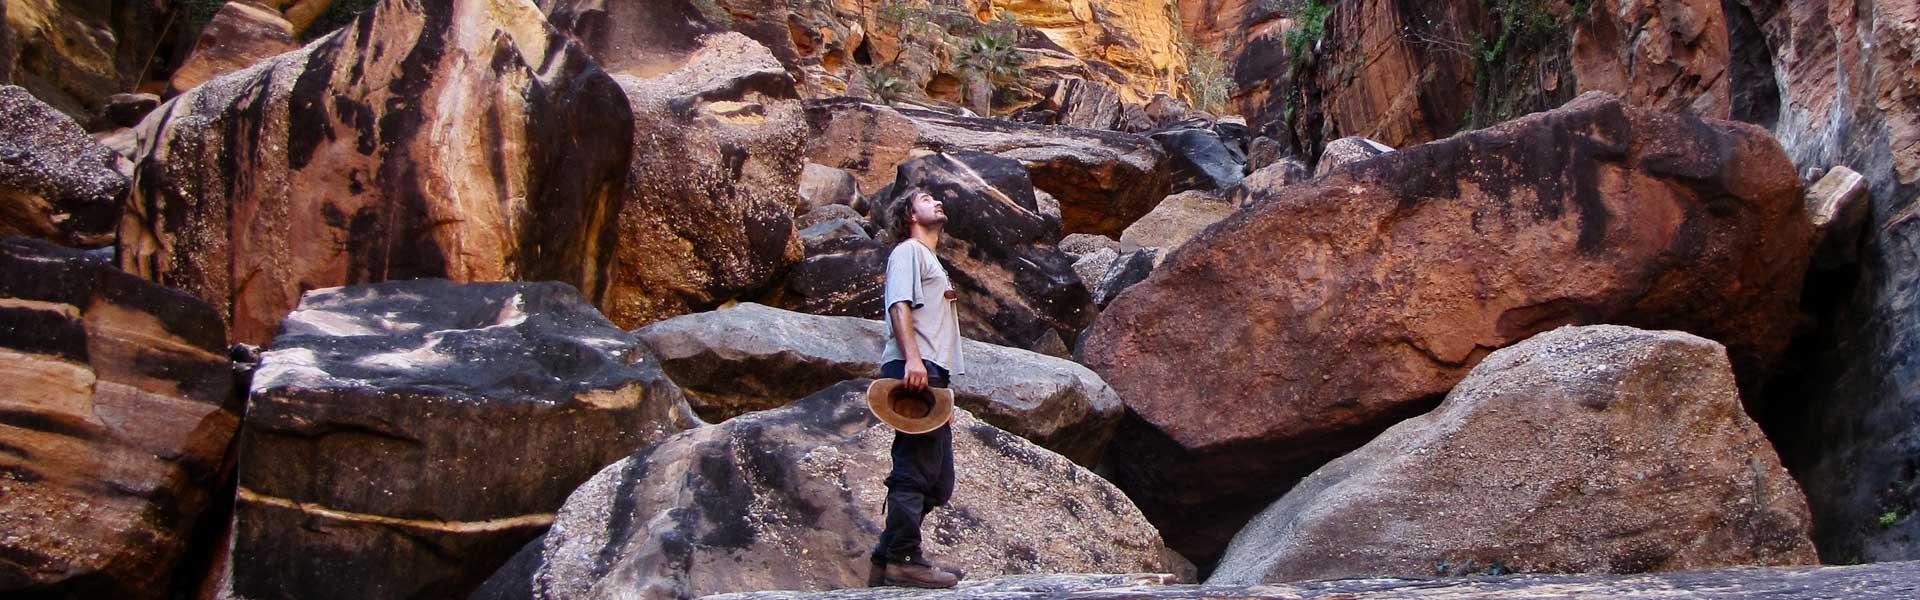 sebastien bushwalking australia bio